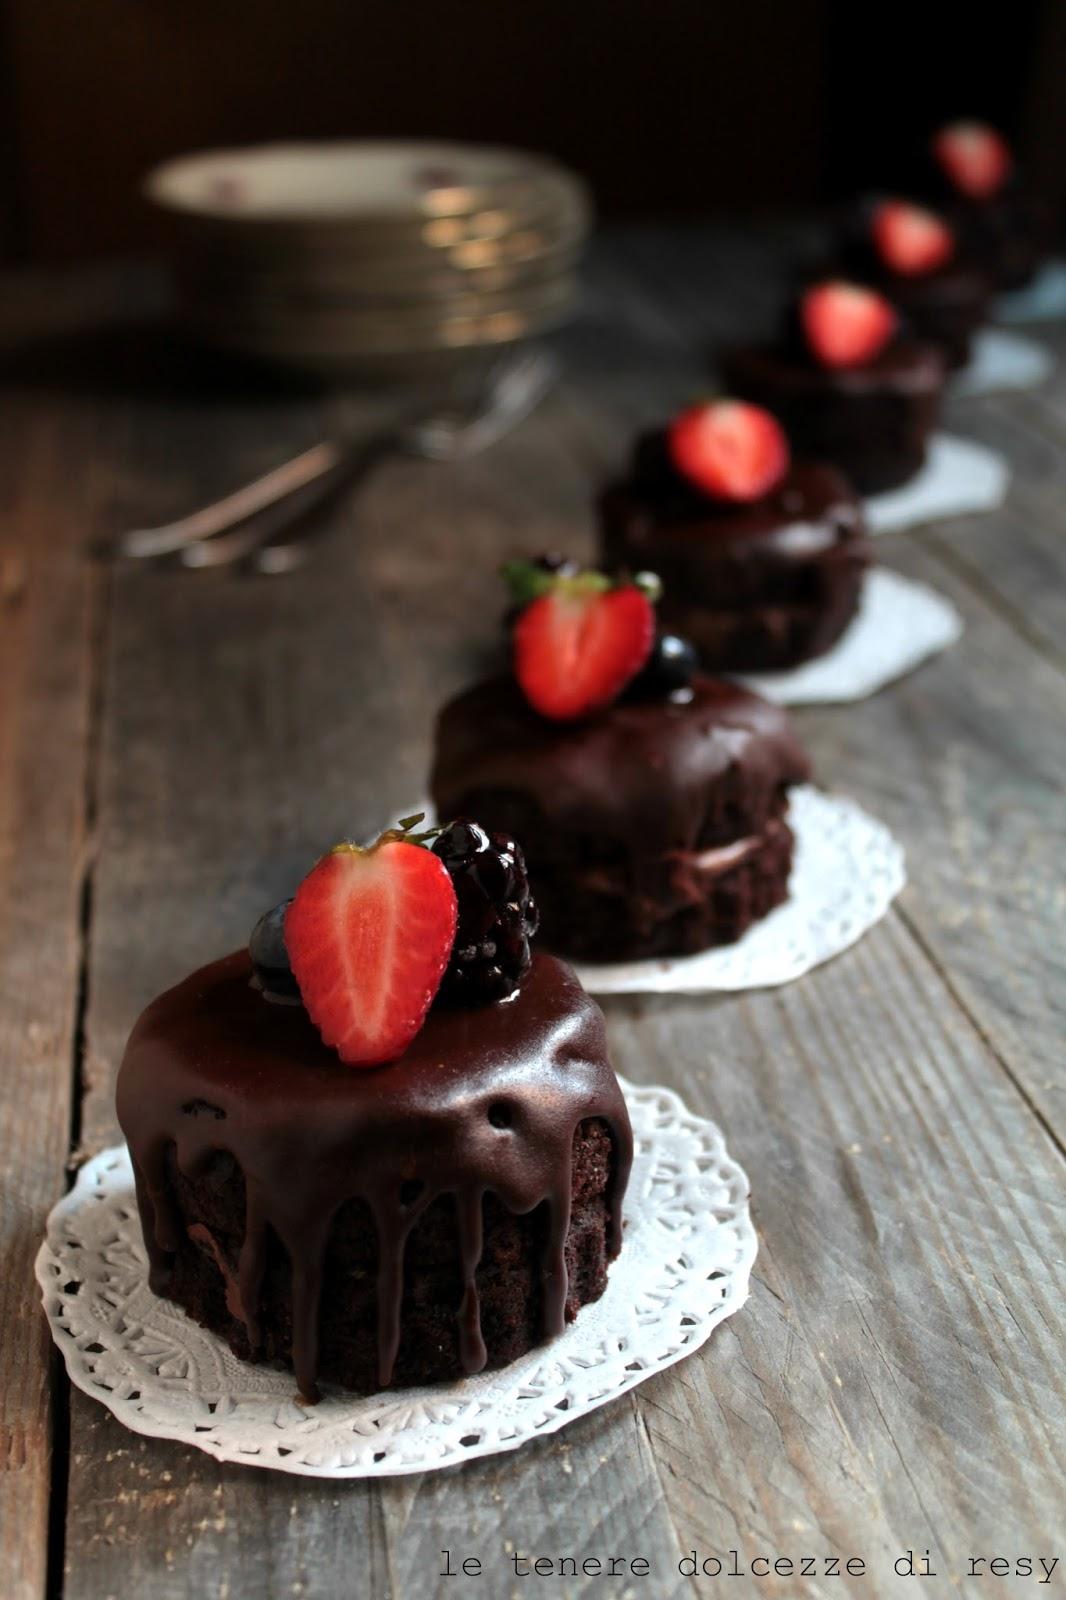 Amato le tenere dolcezze di resy: Mini cakes al cioccolato e caffè  IA22